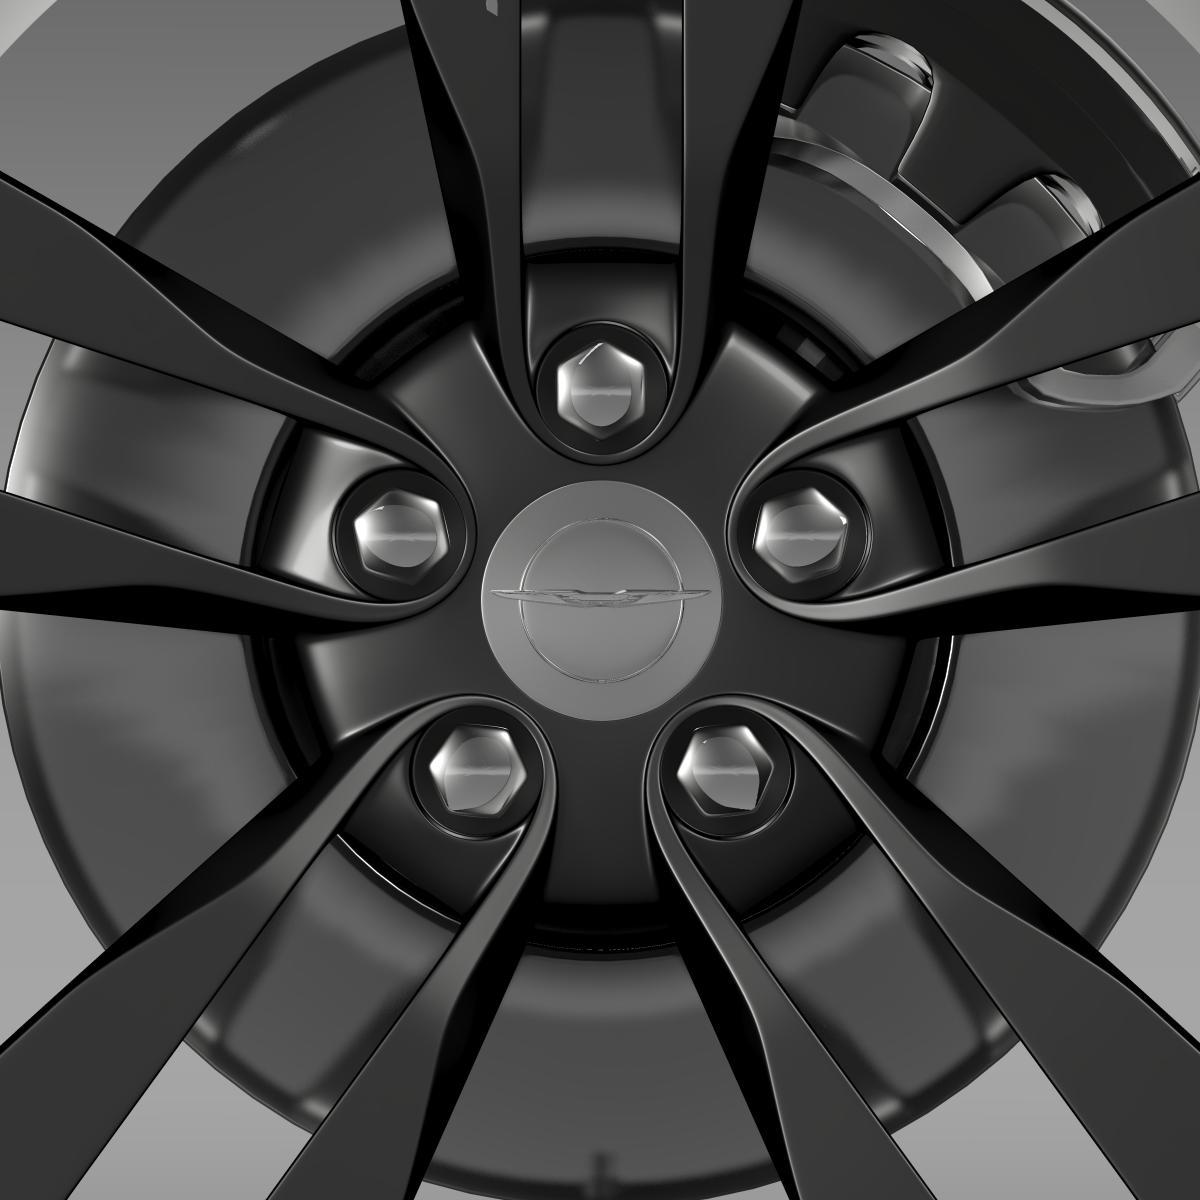 chrysler 300 srt8 satin vapor wheel 3d model 3ds max fbx c4d lwo ma mb hrc xsi obj 210644